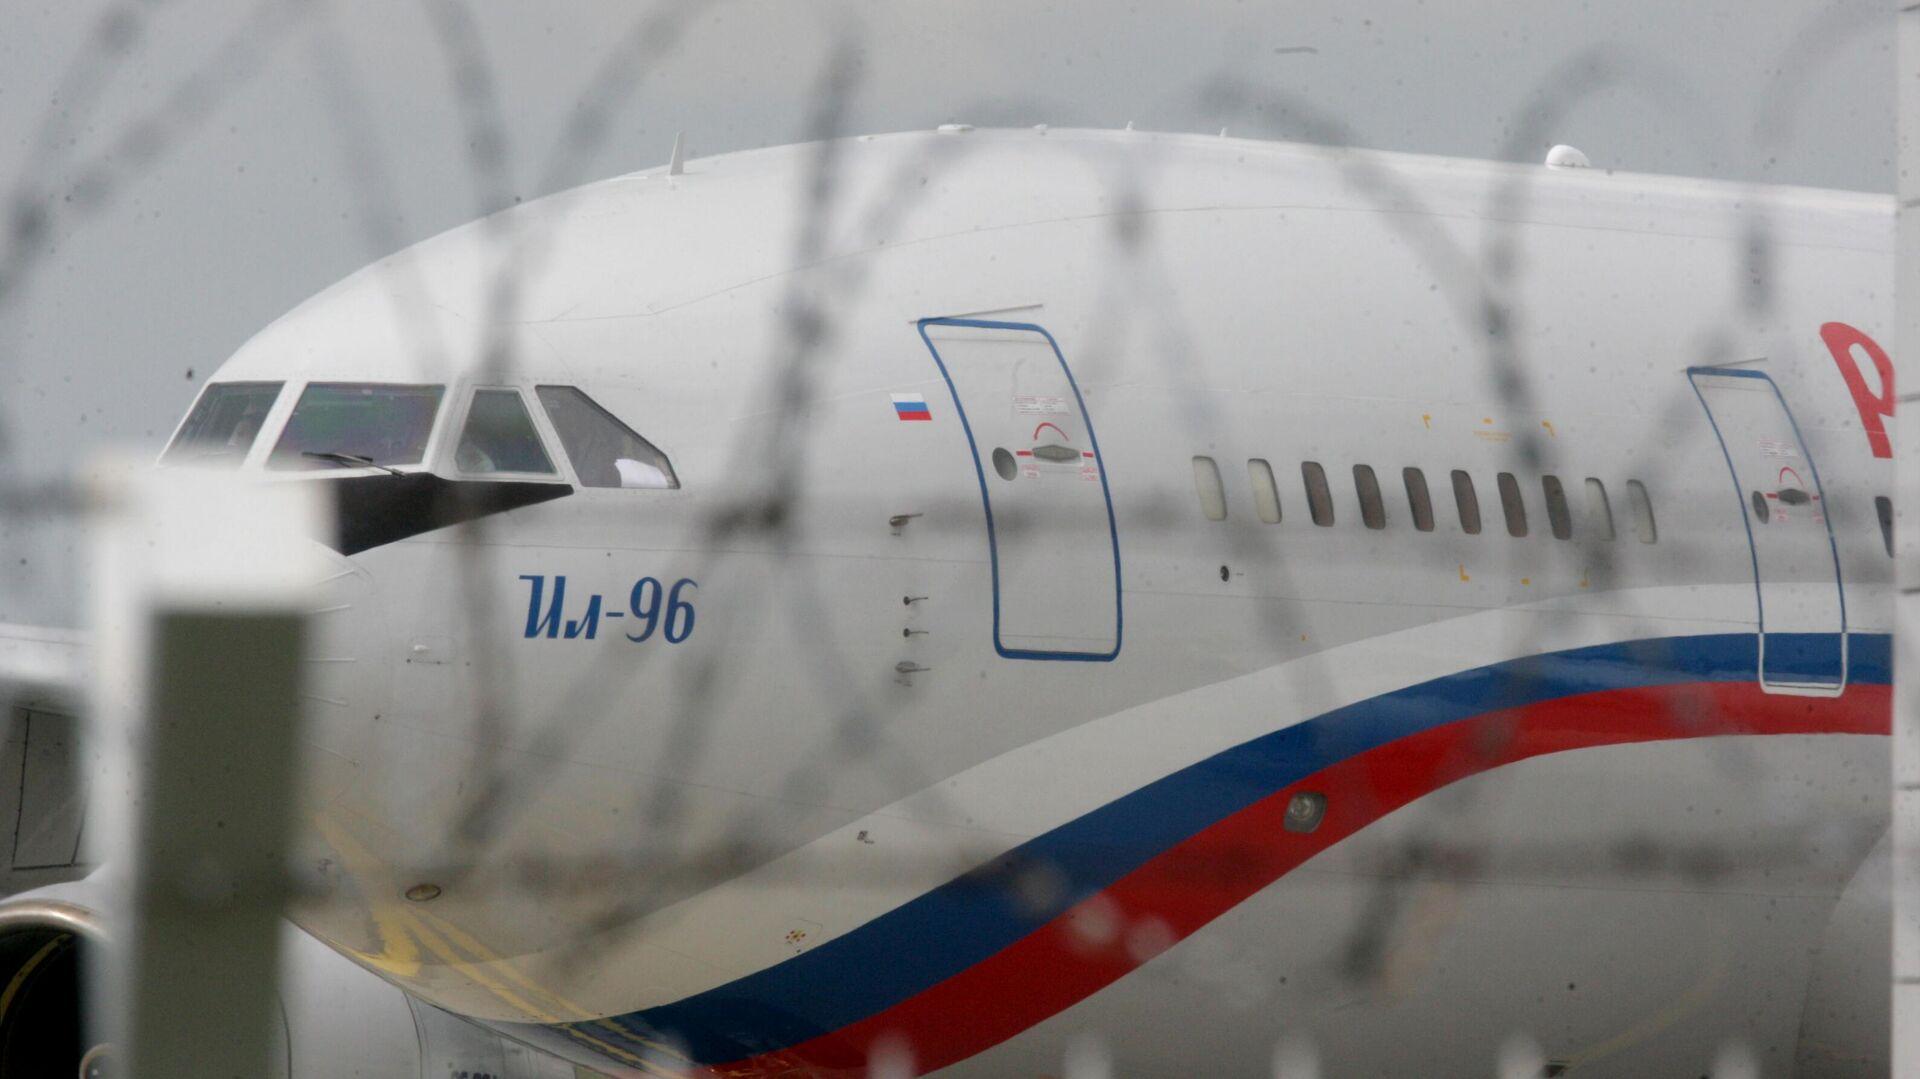 Самолет Ил-96 специального летного отряда Россия, прибывший за возвращающимися из Чехии в Россию дипломатами - РИА Новости, 1920, 26.07.2021